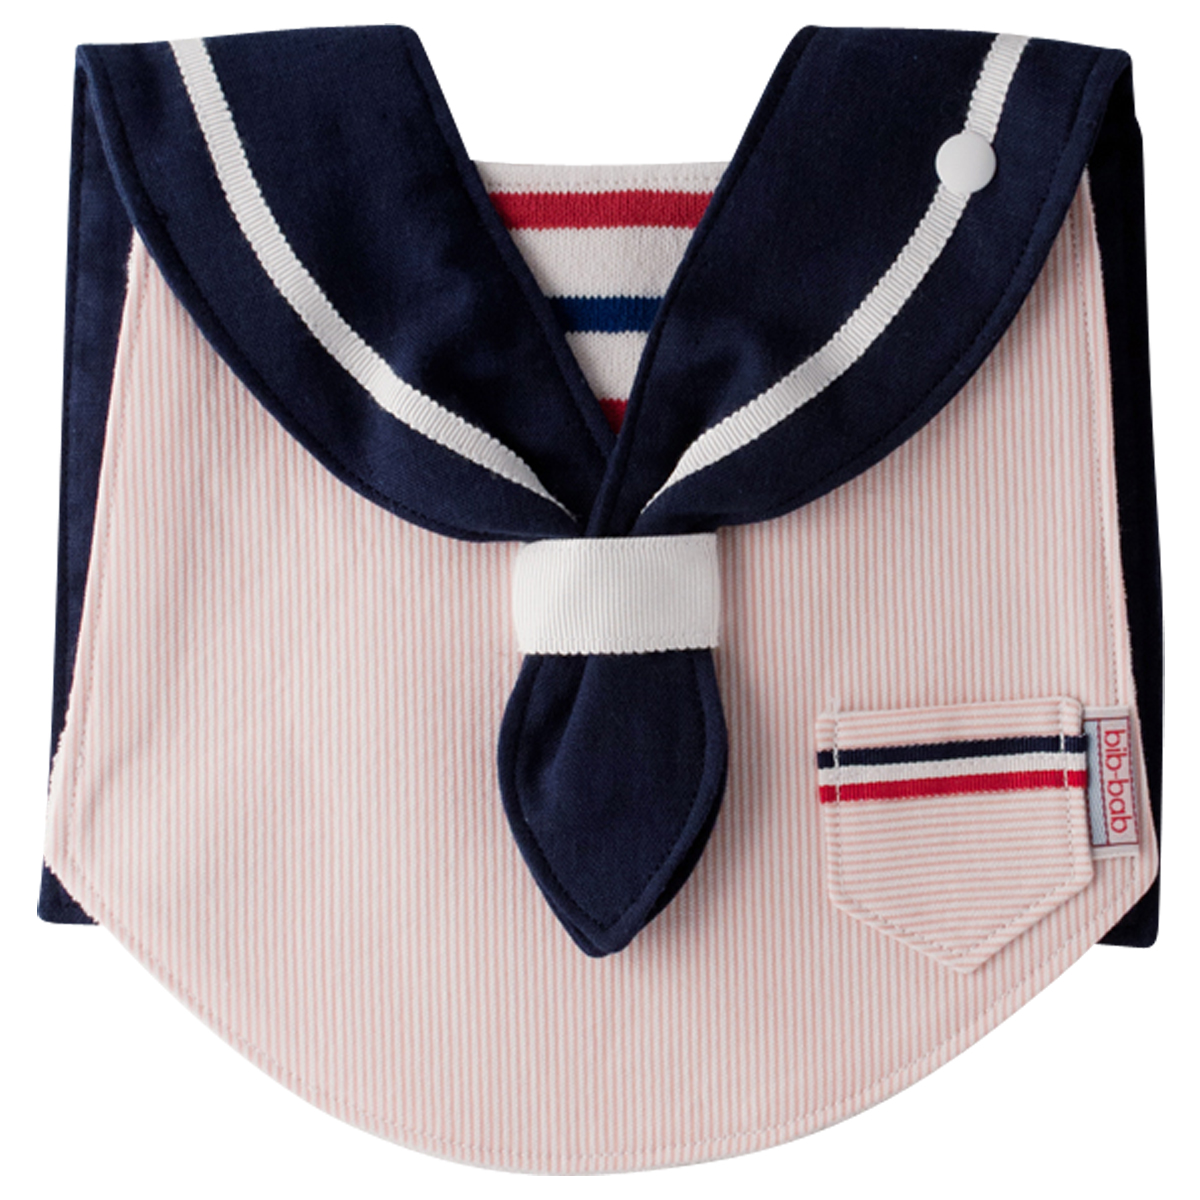 後ろ姿まで愛らしいよそいきスタイ☆bib-bab マリンタイプ(ピンク:紺襟)☆